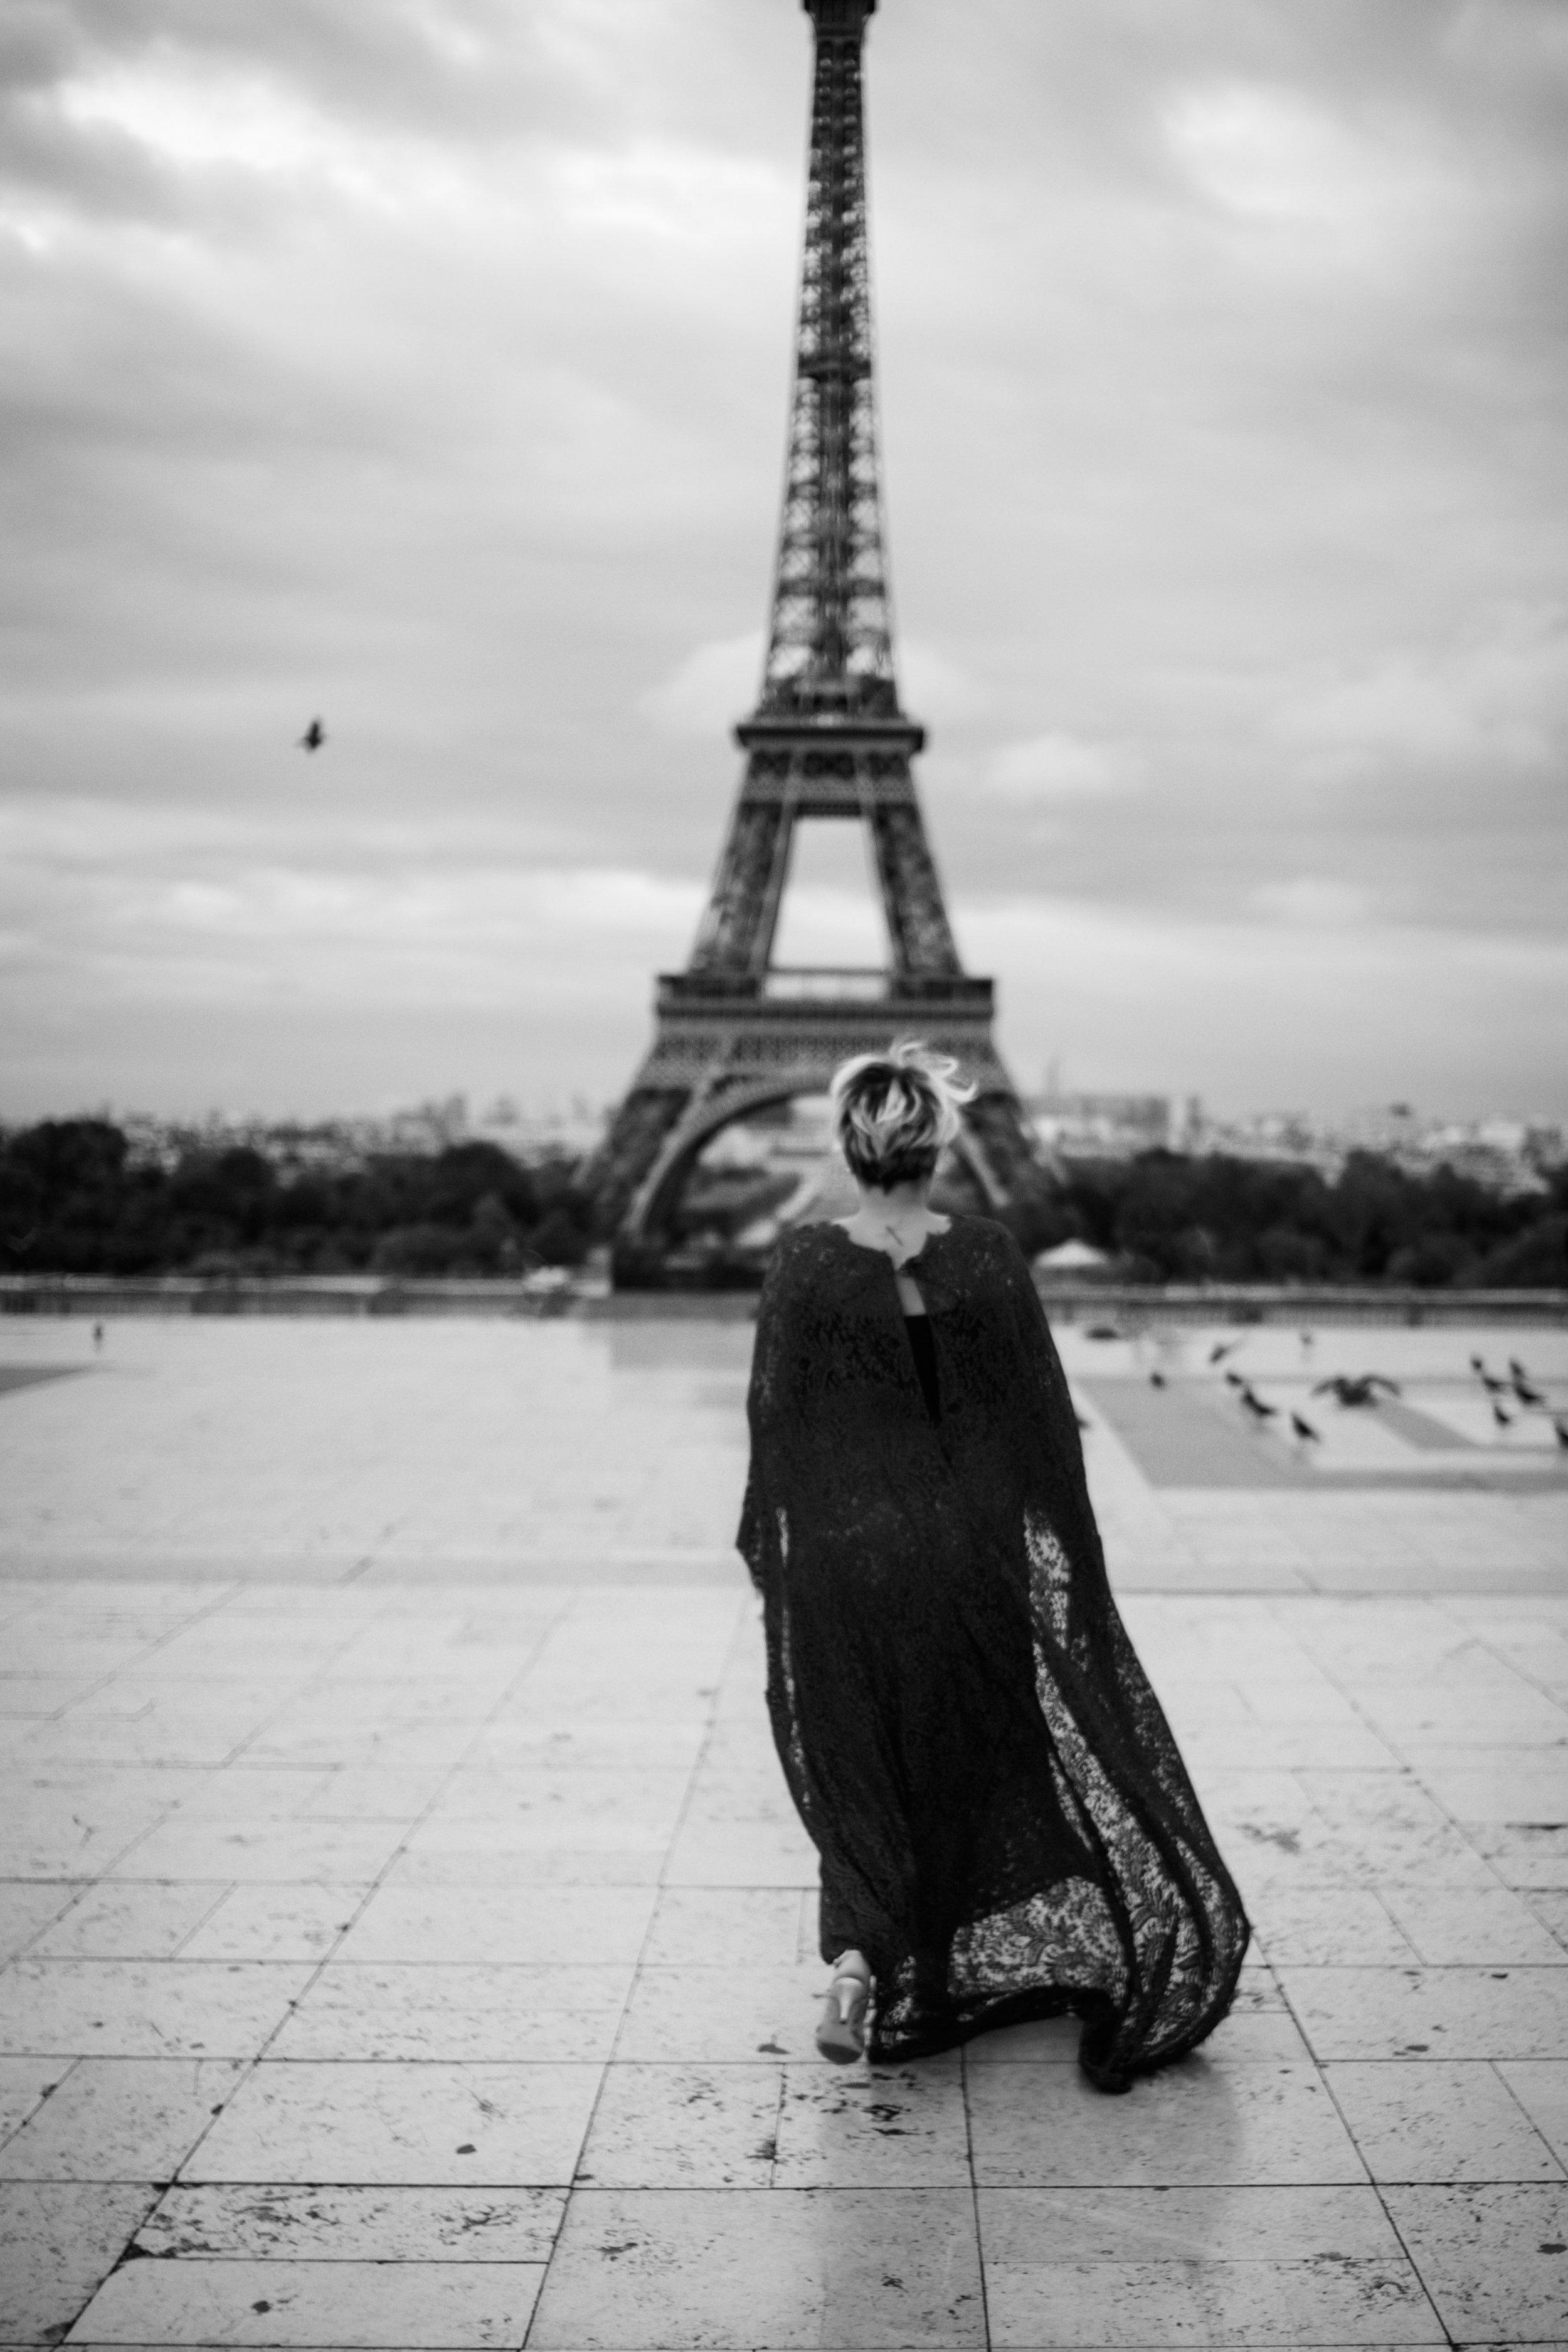 25-2018-08-25 - Sally Paris-14 bw.jpg